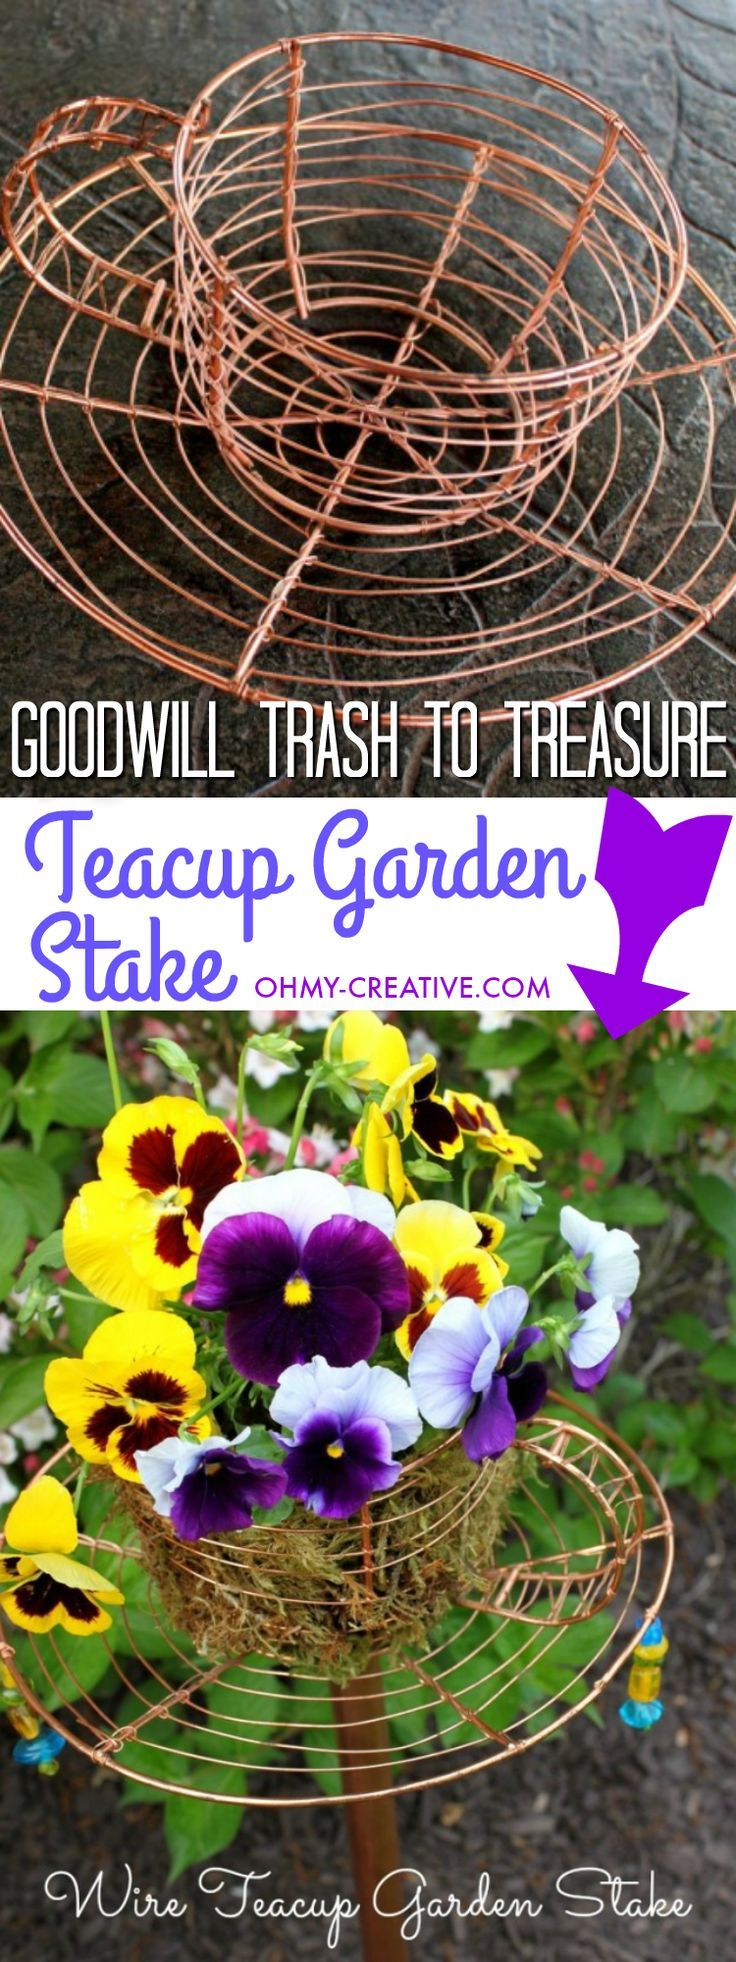 372 best my garden images on pinterest gardening tips outdoor